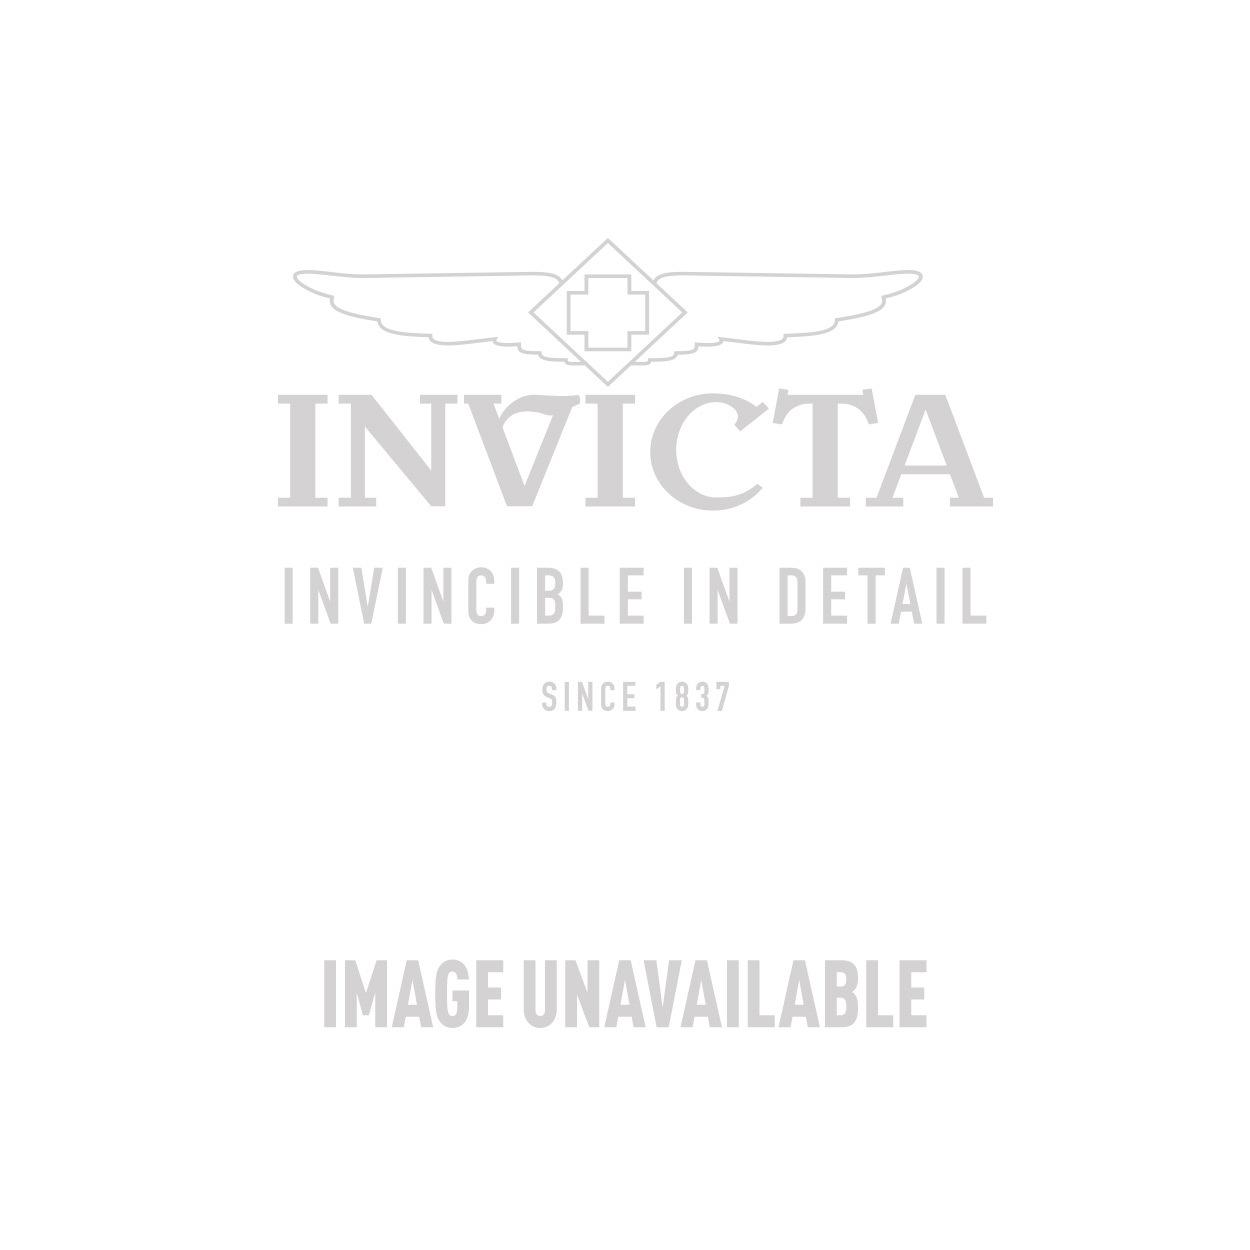 Invicta Model 28187